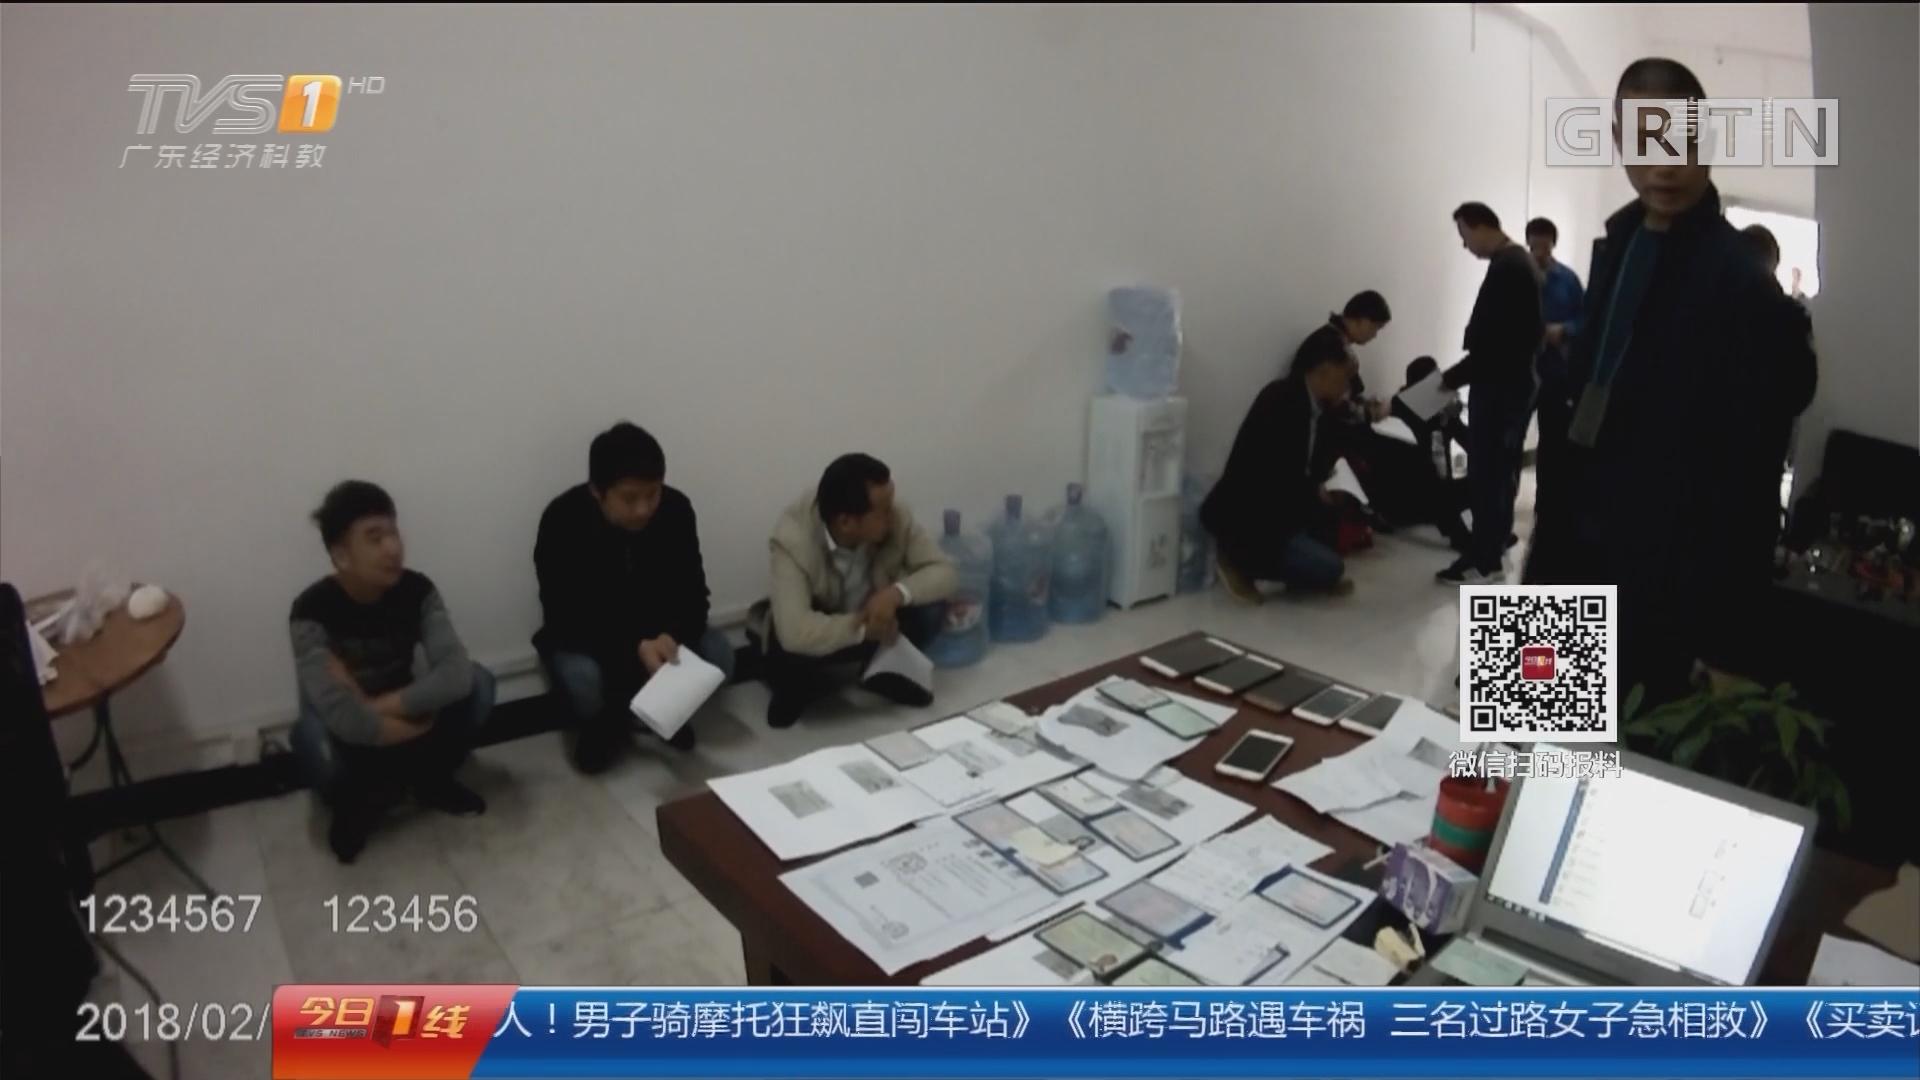 东莞:买卖记分牟利 违法团伙被查